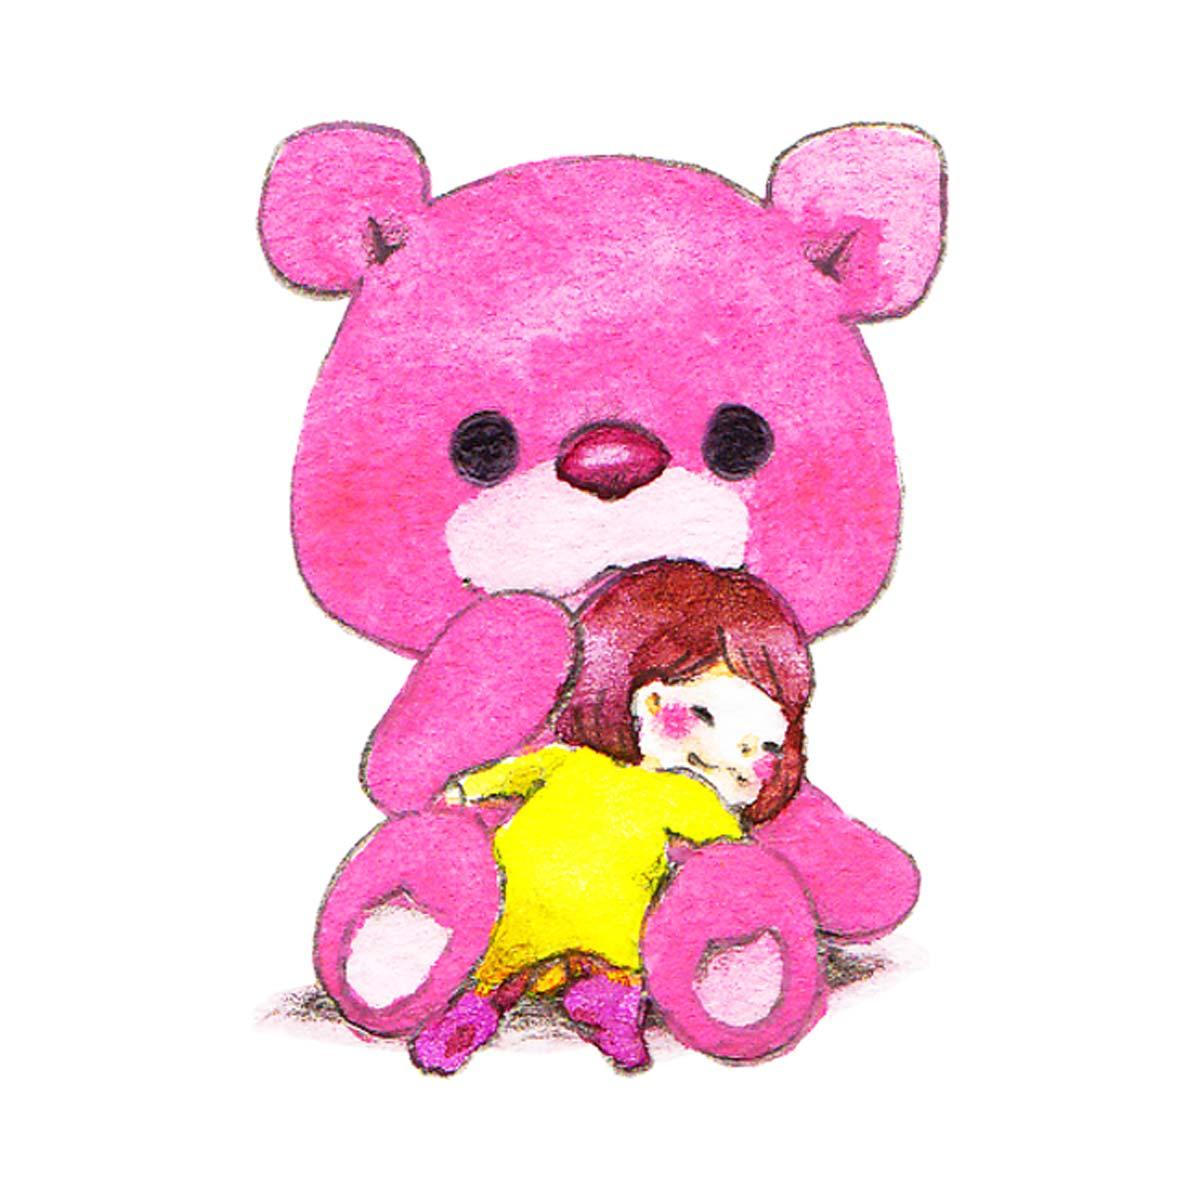 ピンクのクマのぬいぐるみ女の子